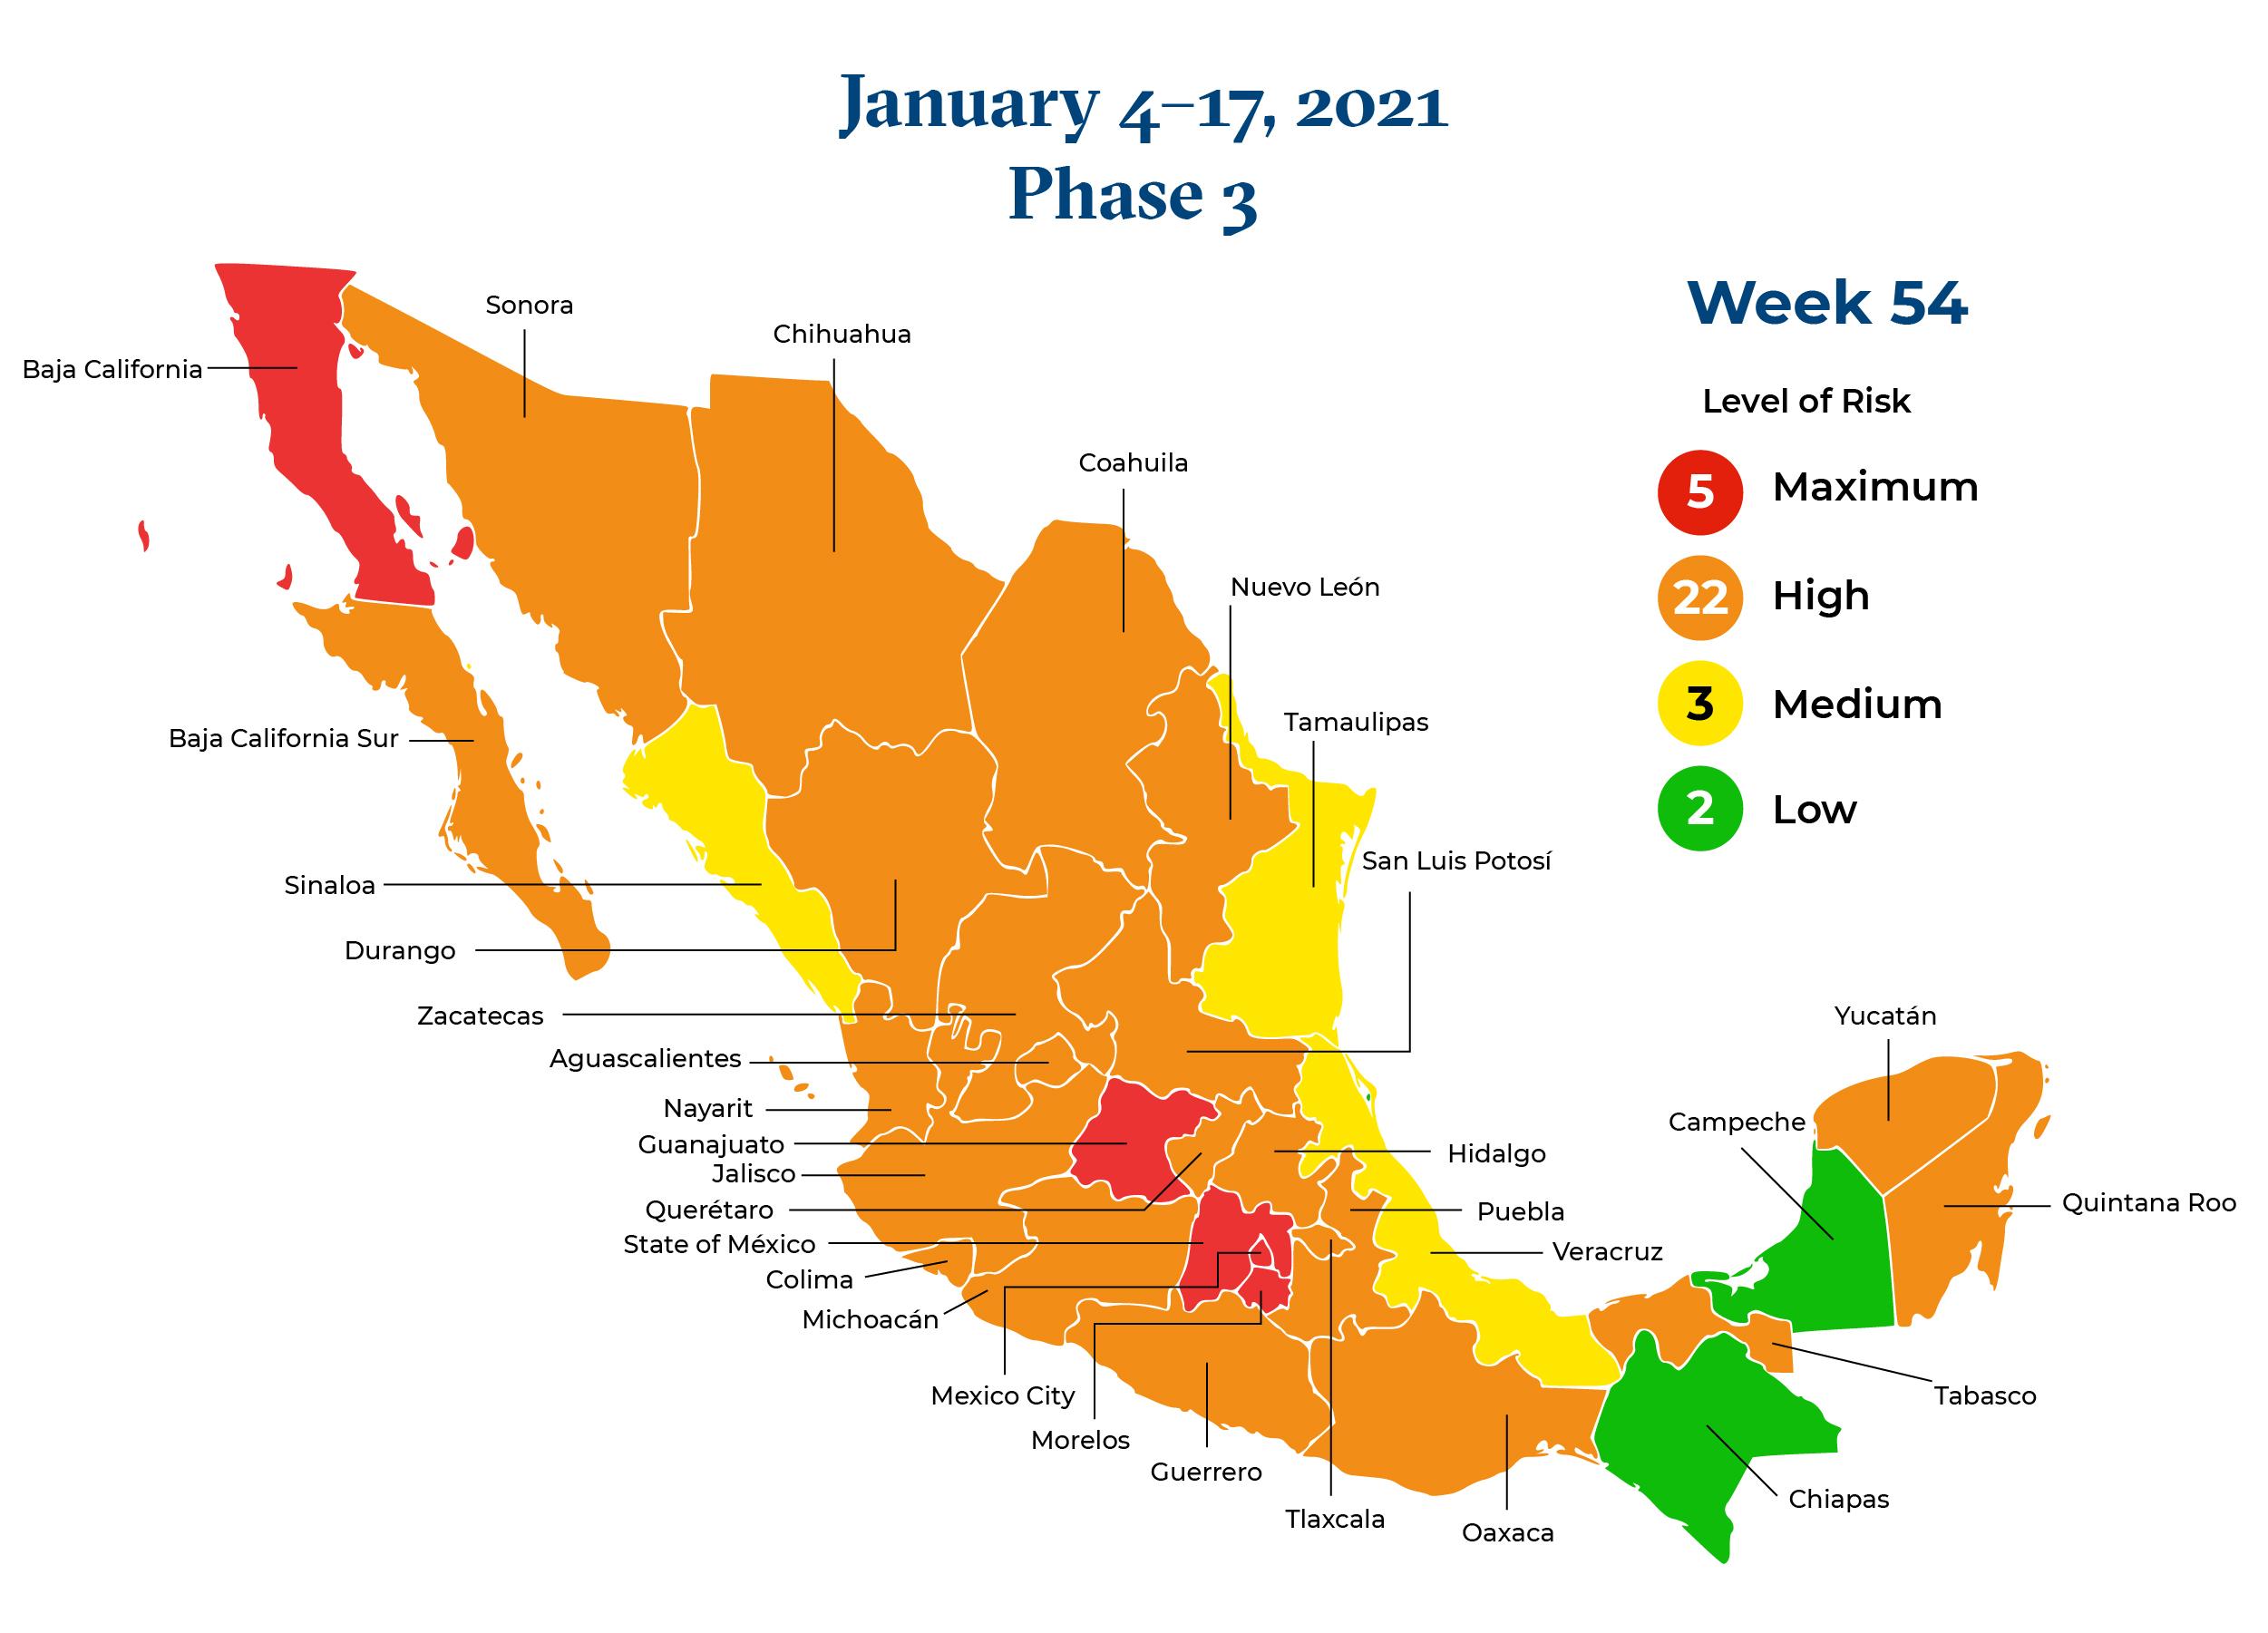 Mexico January 4 2021 to January 17 2021 Phase 3 Map